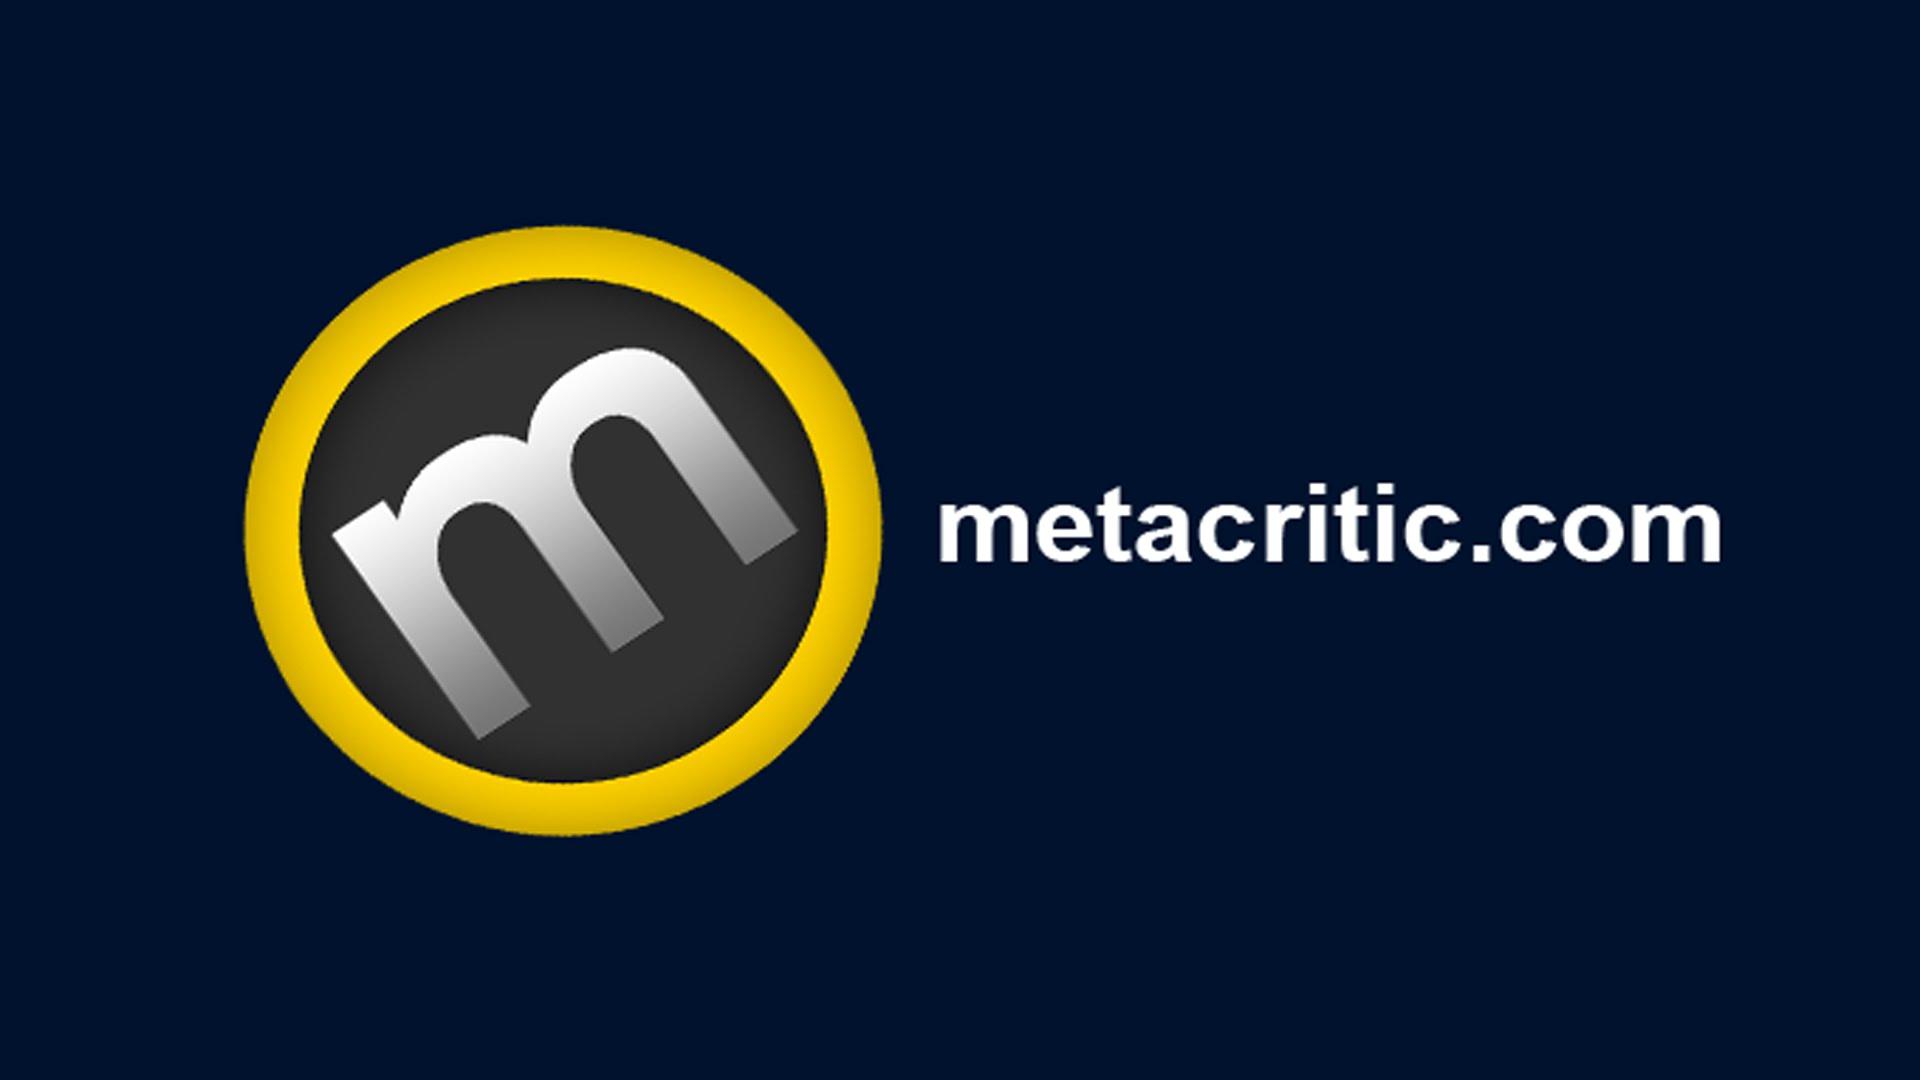 Metacritic revela lista com os